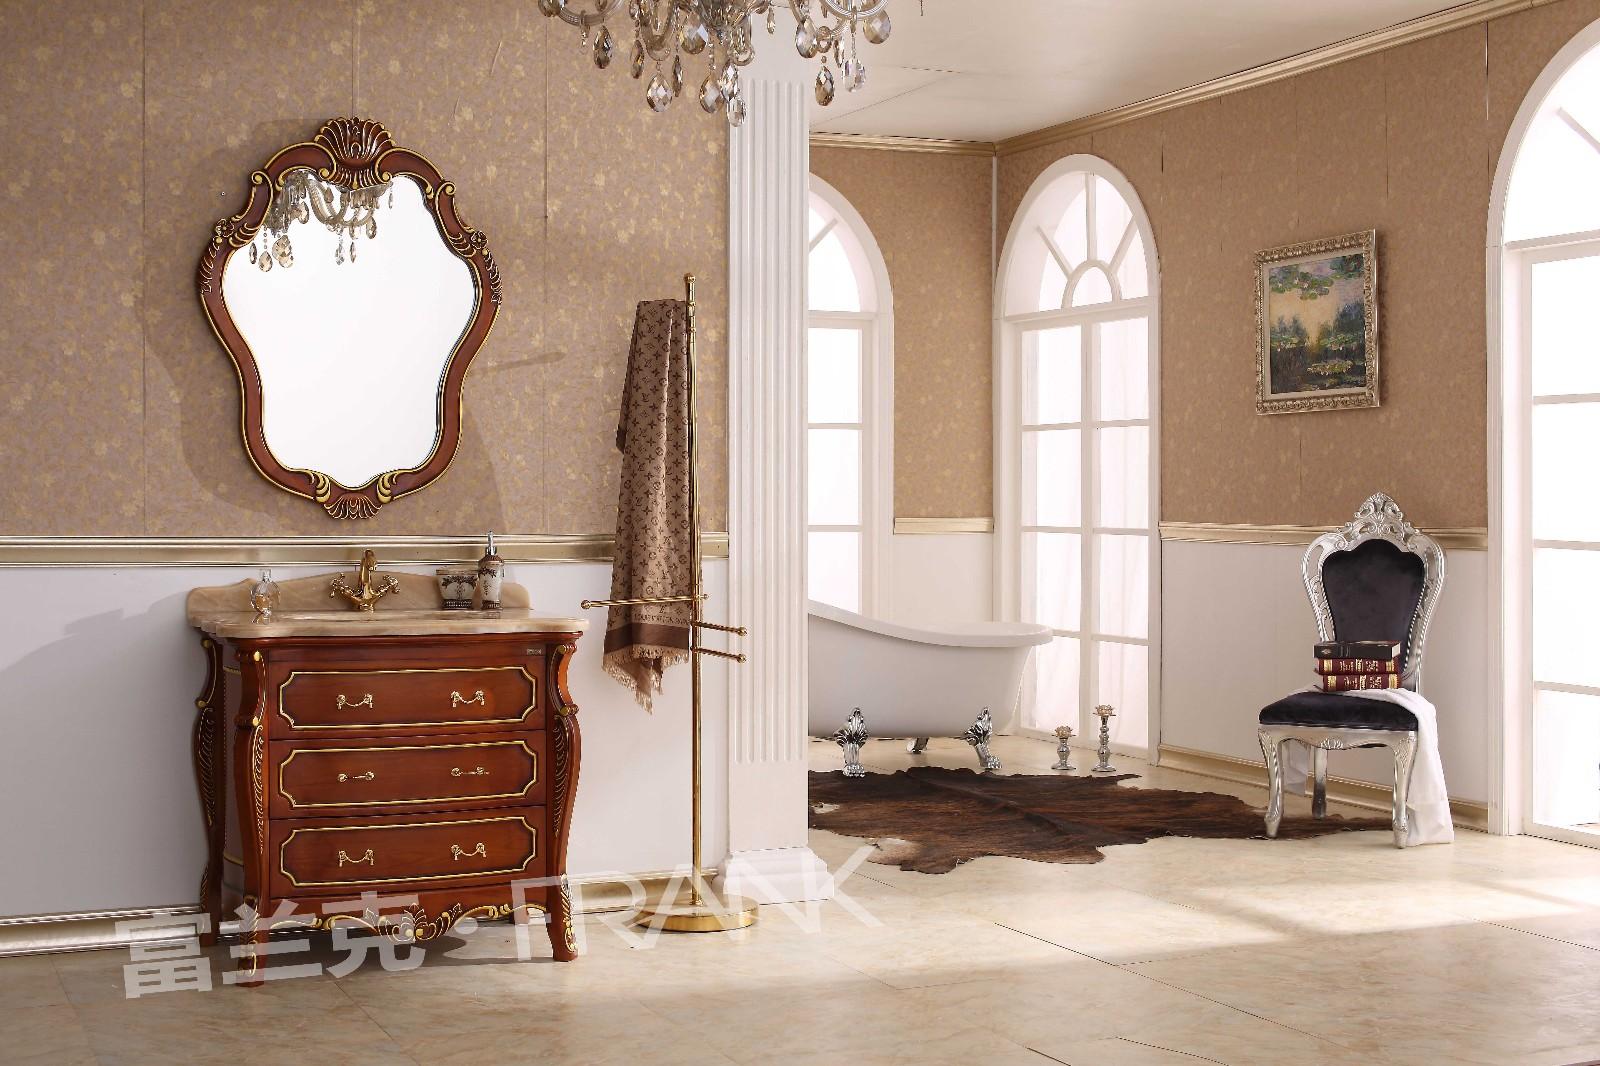 浴室柜价格_富兰克欧式浴室柜f-5113j批发价格